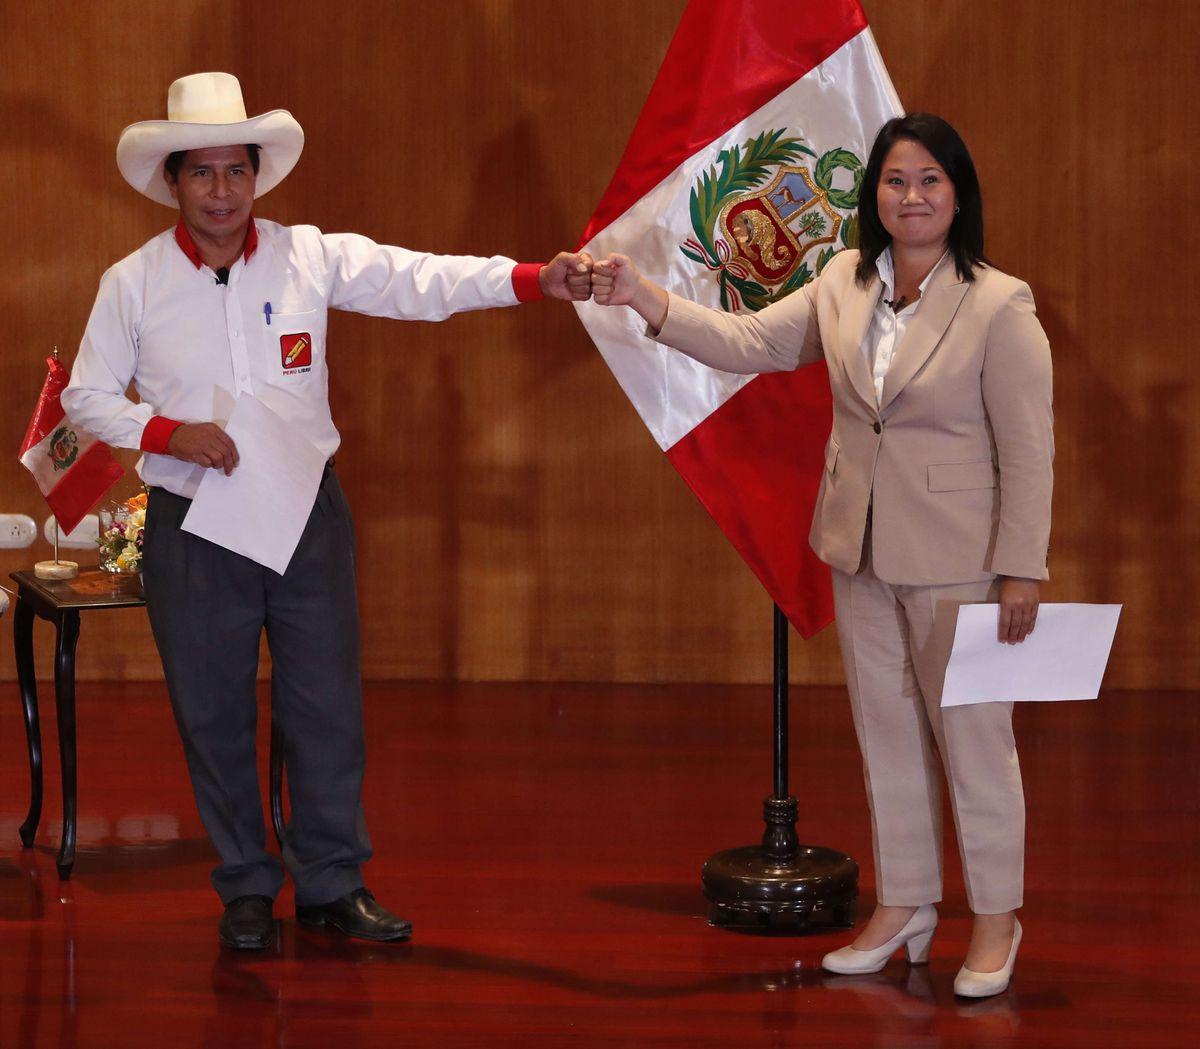 Claves de la estrecha elección presidencial que divide a Perú  Internacional